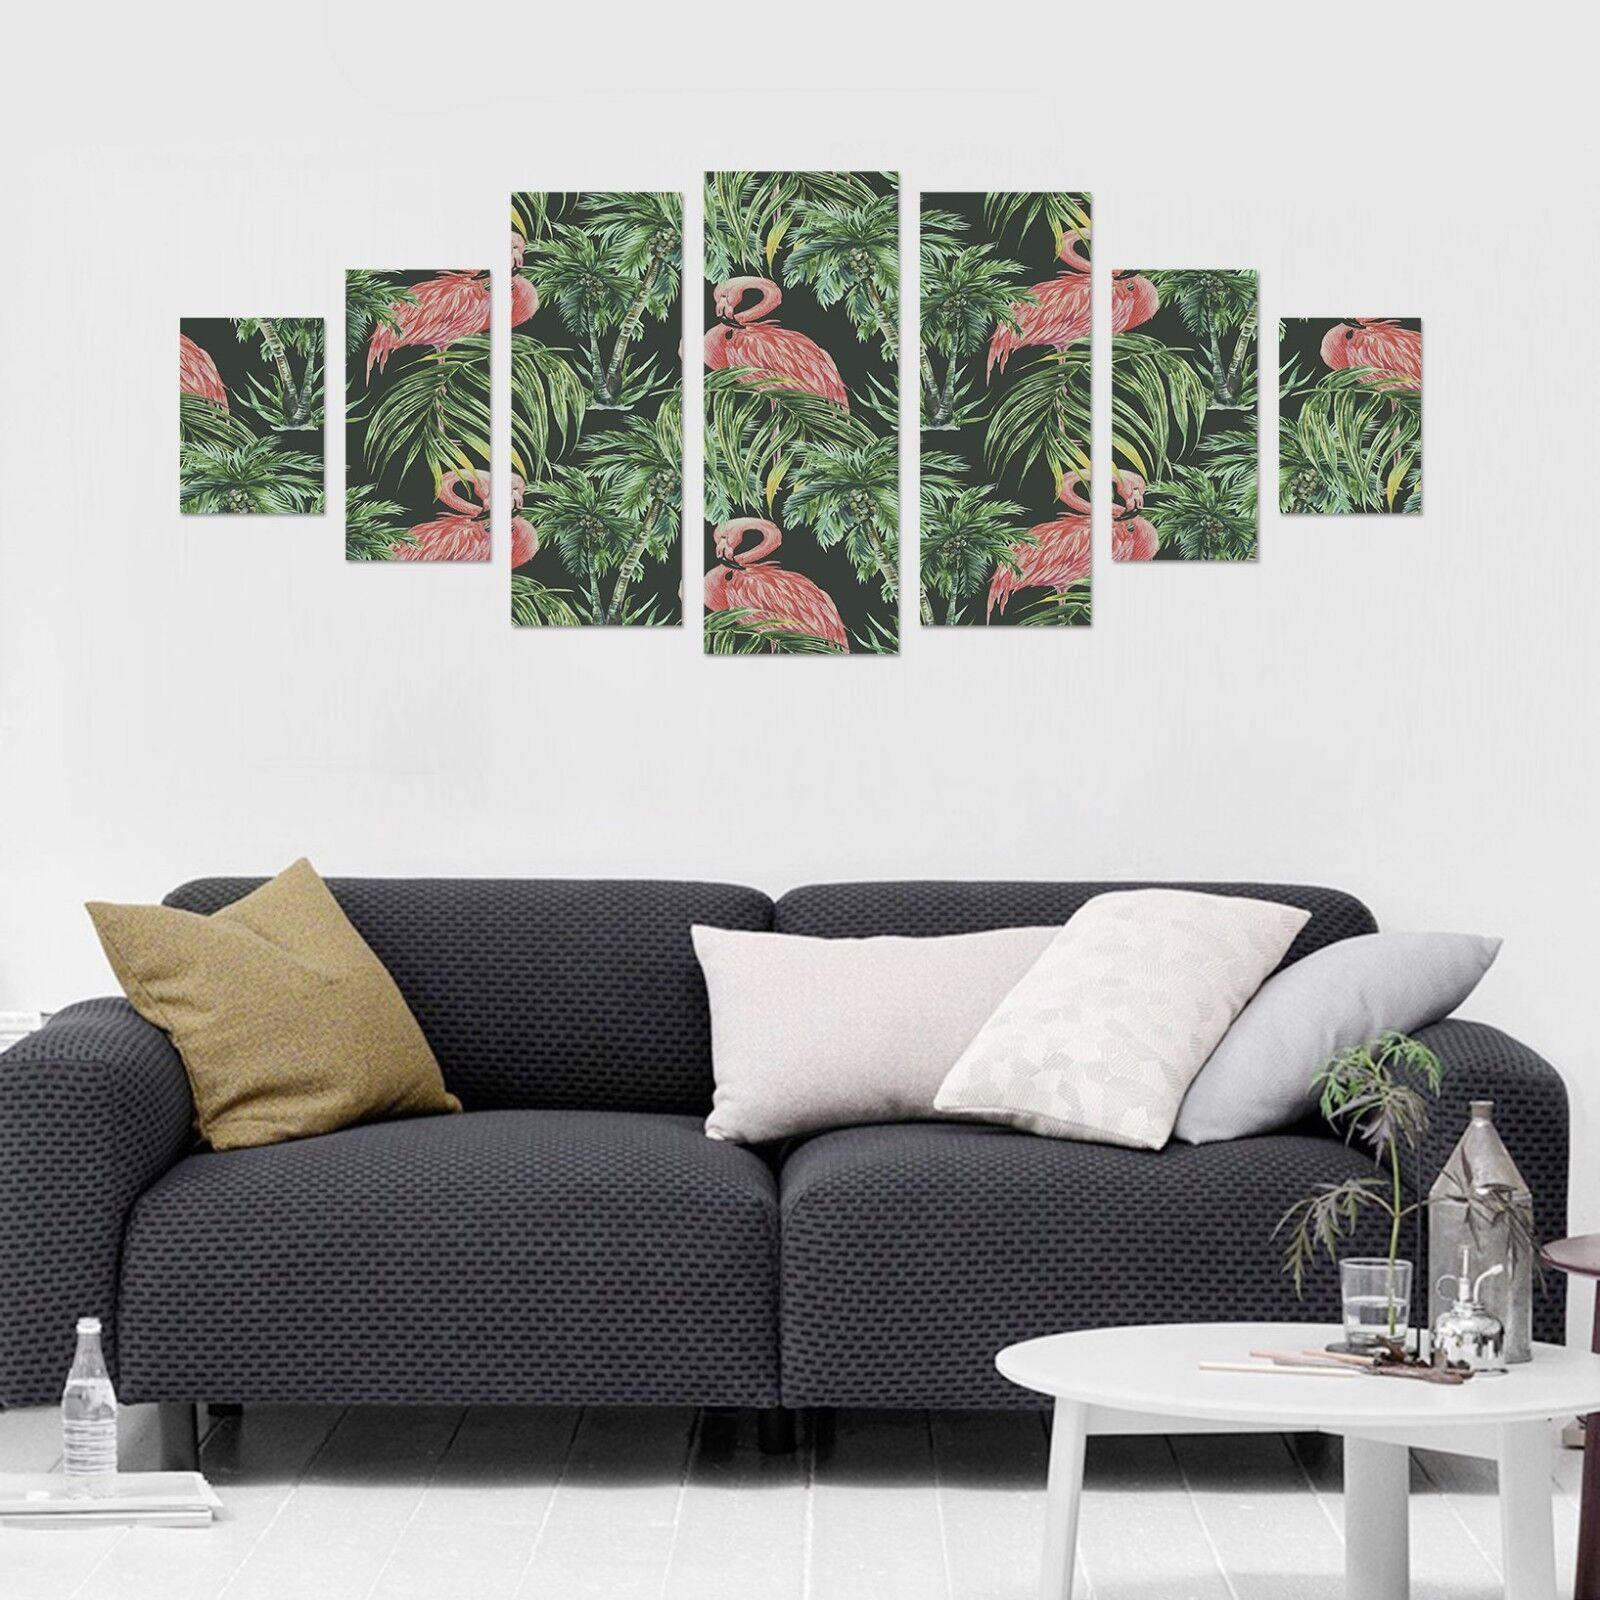 3D Leaf Flamingos 667 Unframed Drucken Wand Papier Decal Wand Deco Innen AJ Wand